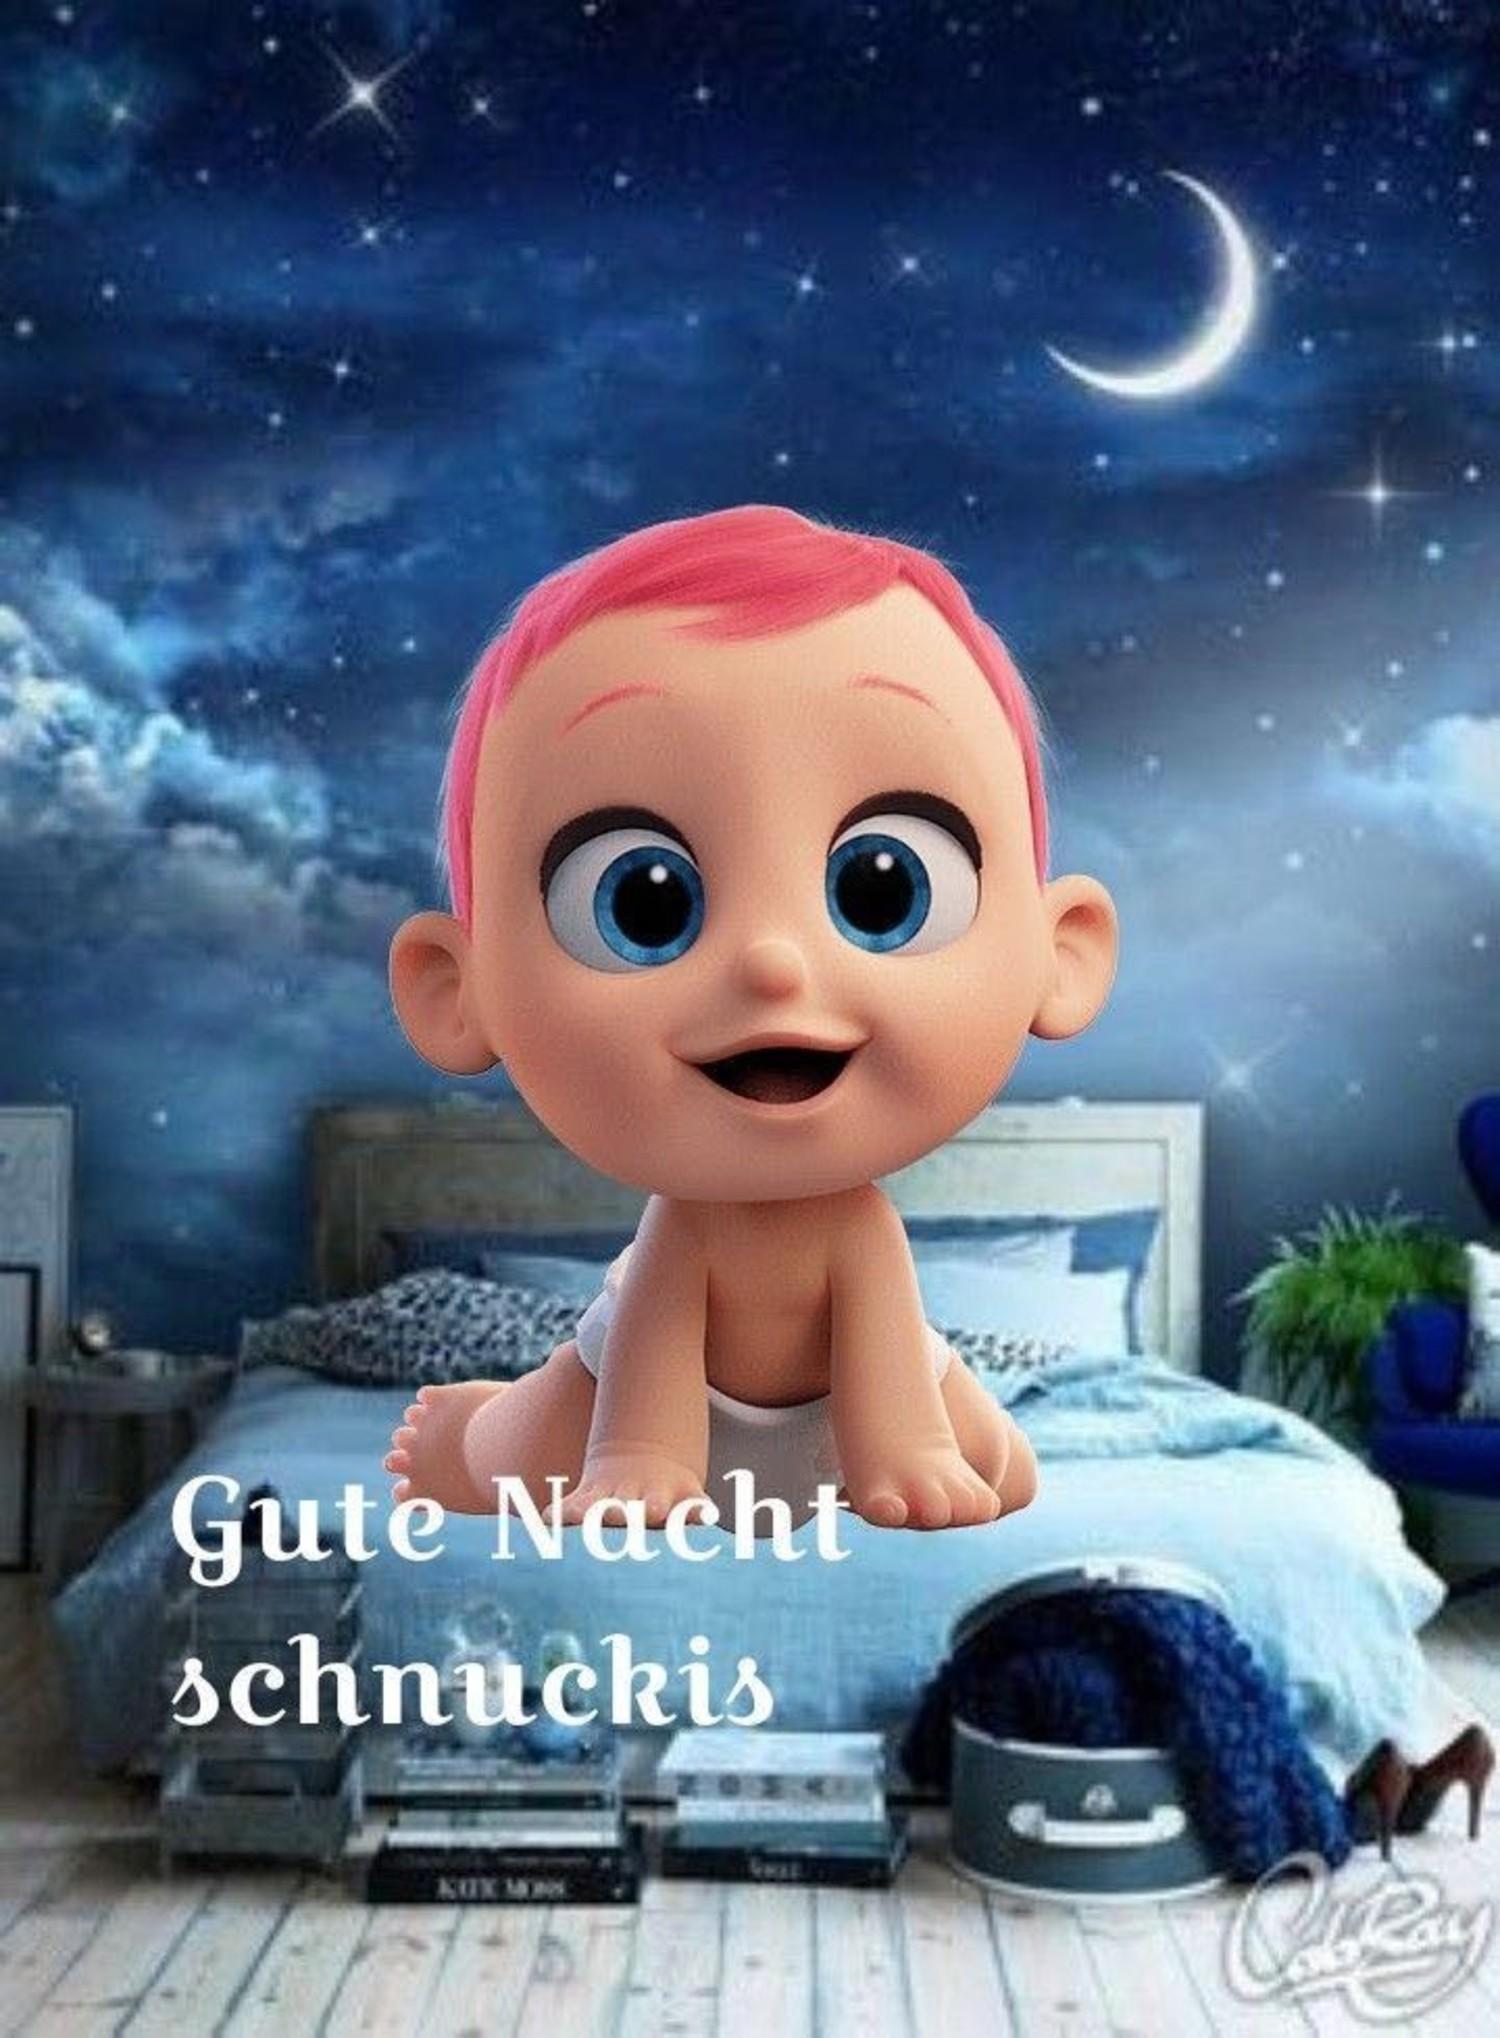 Gute Nacht WhatsApp - GBPicsBilder.com